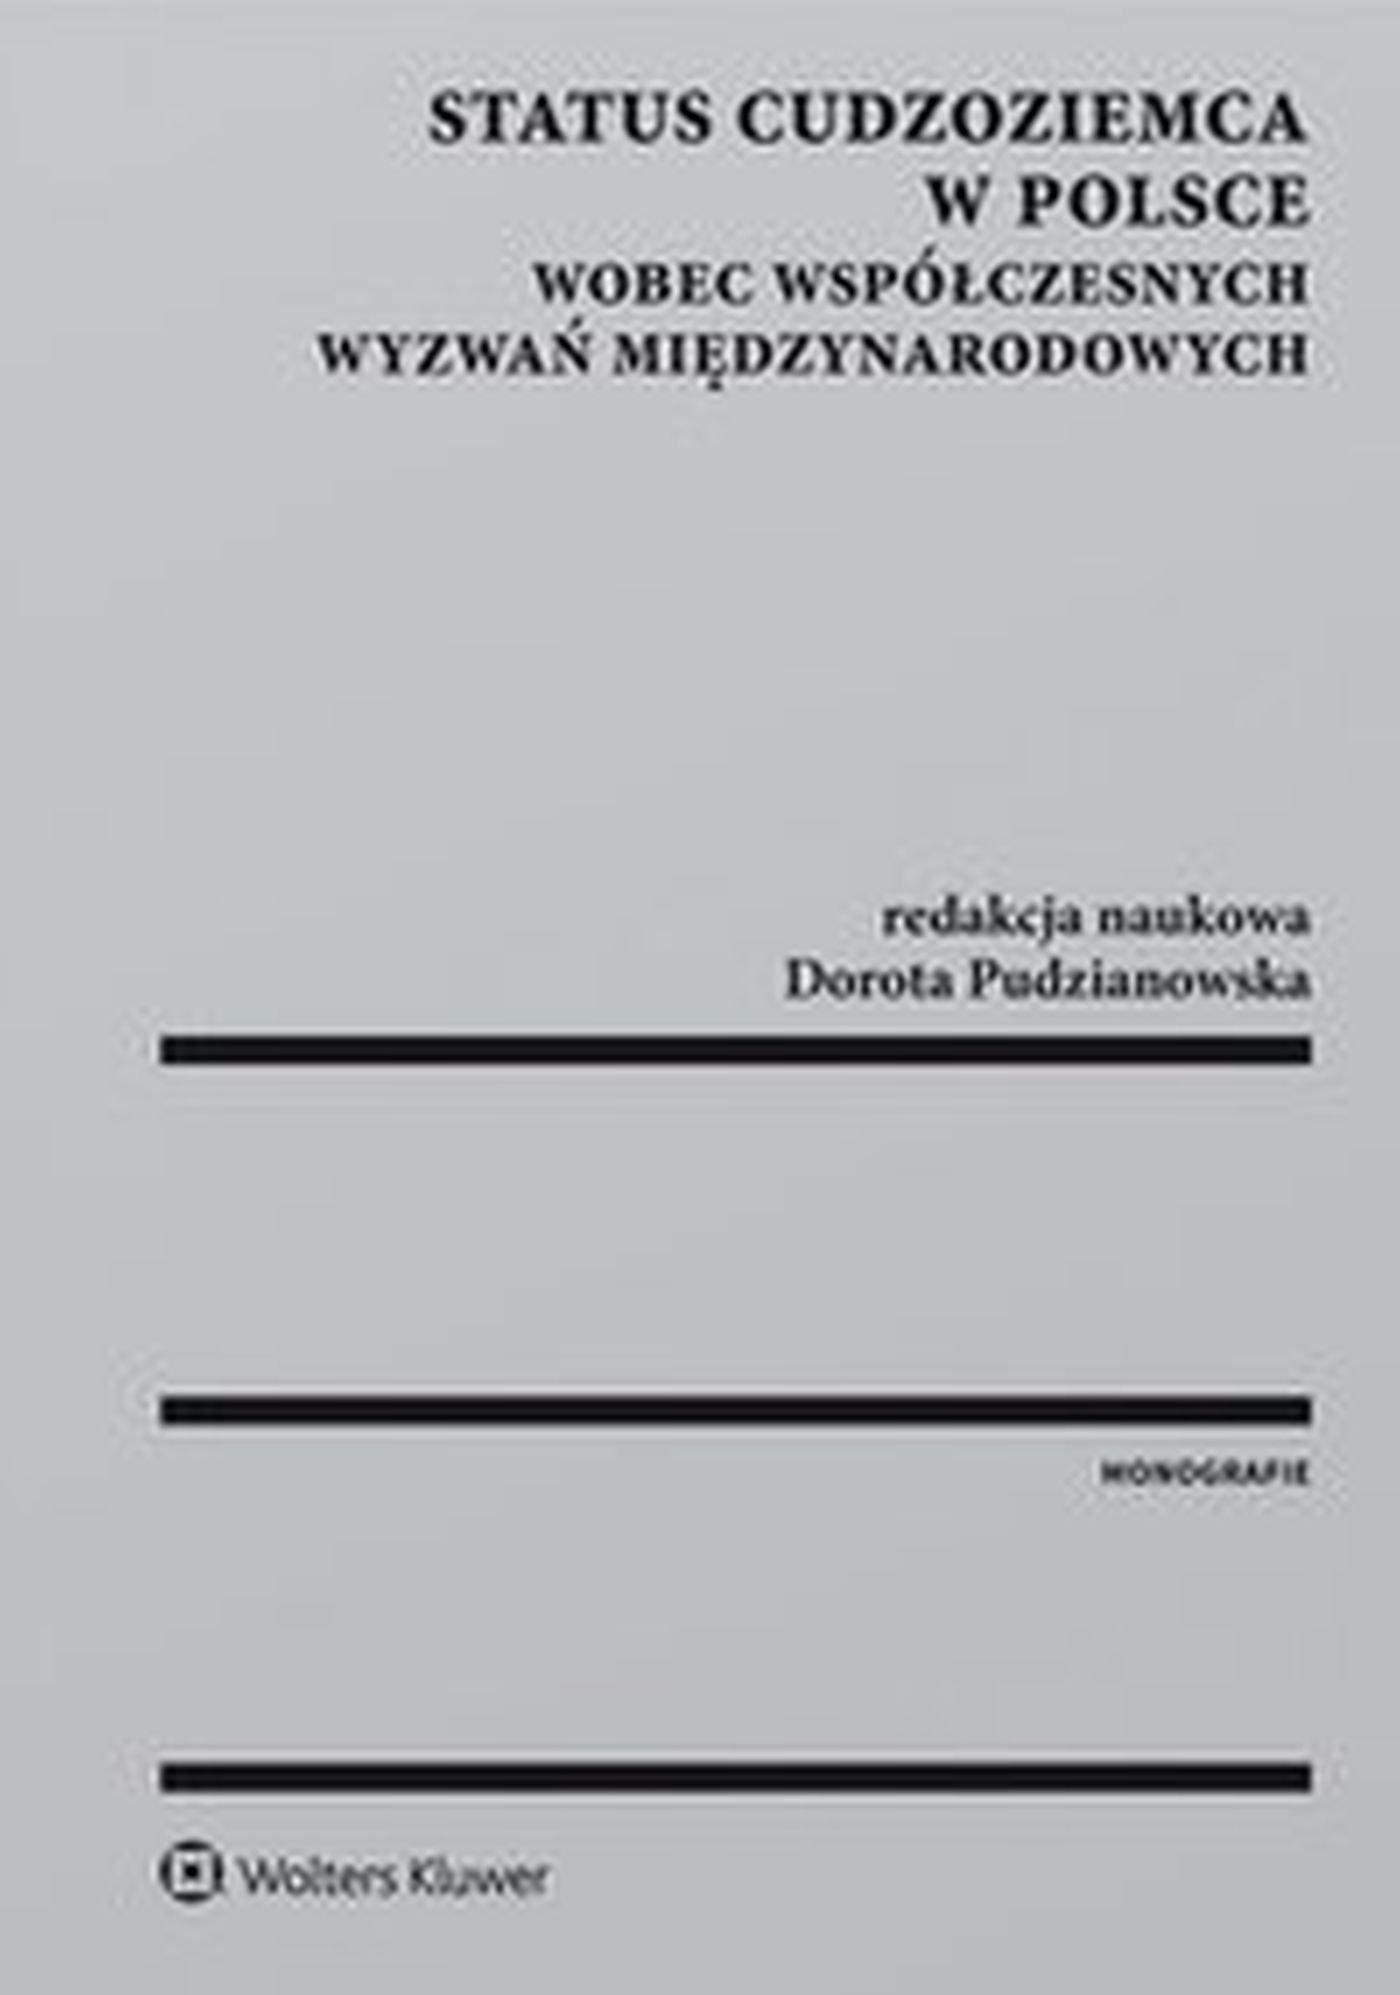 Status cudzoziemca w Polsce wobec współczesnych wyzwań międzynarodowych - Ebook (Książka EPUB) do pobrania w formacie EPUB